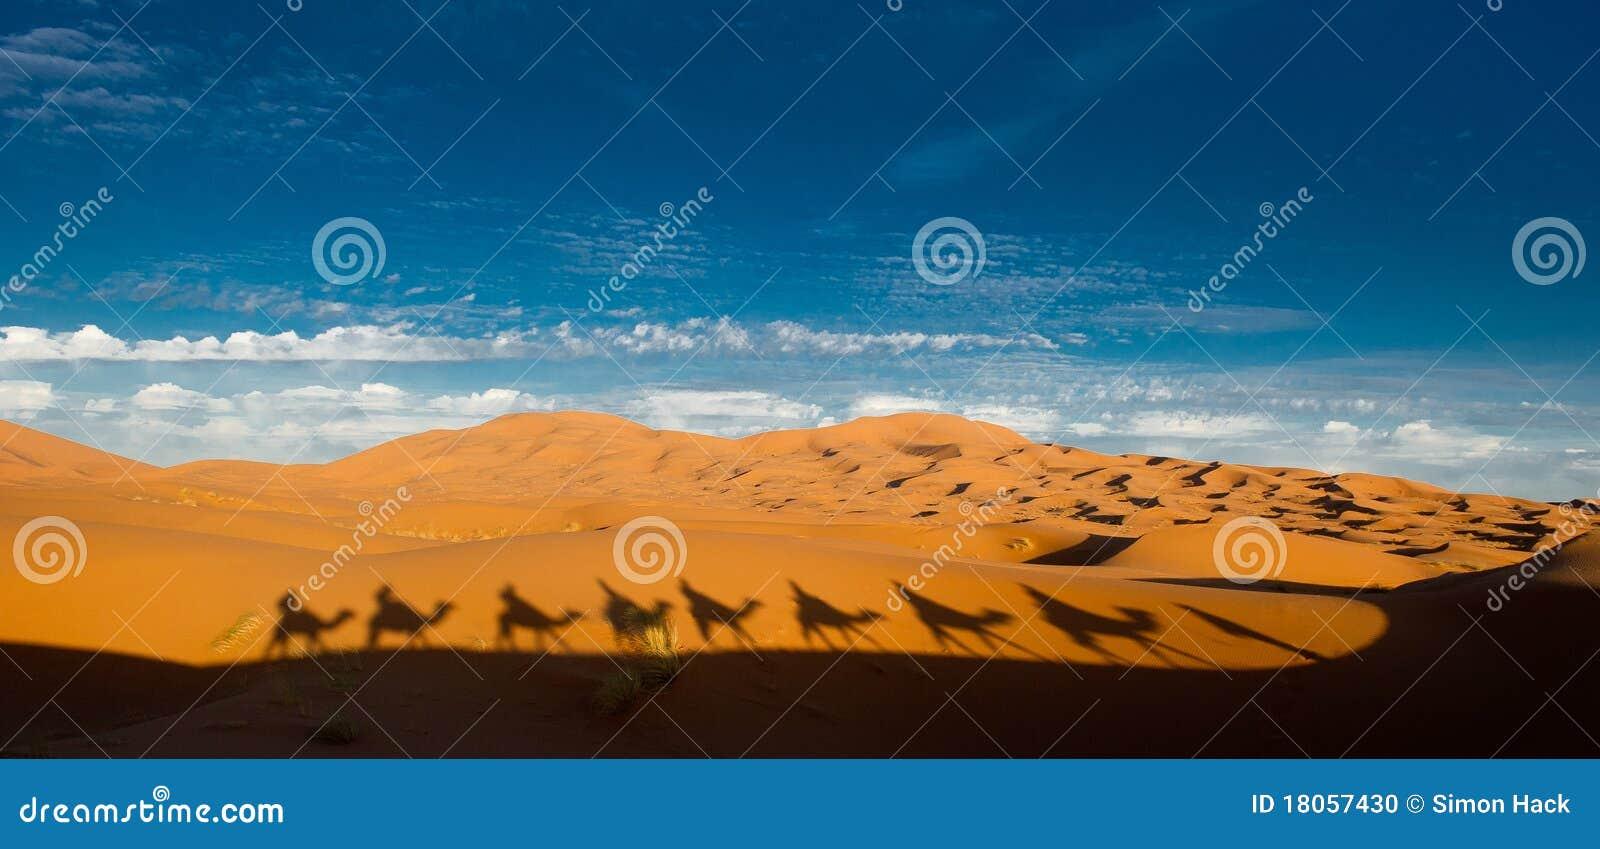 Sombras del camello en el Sáhara